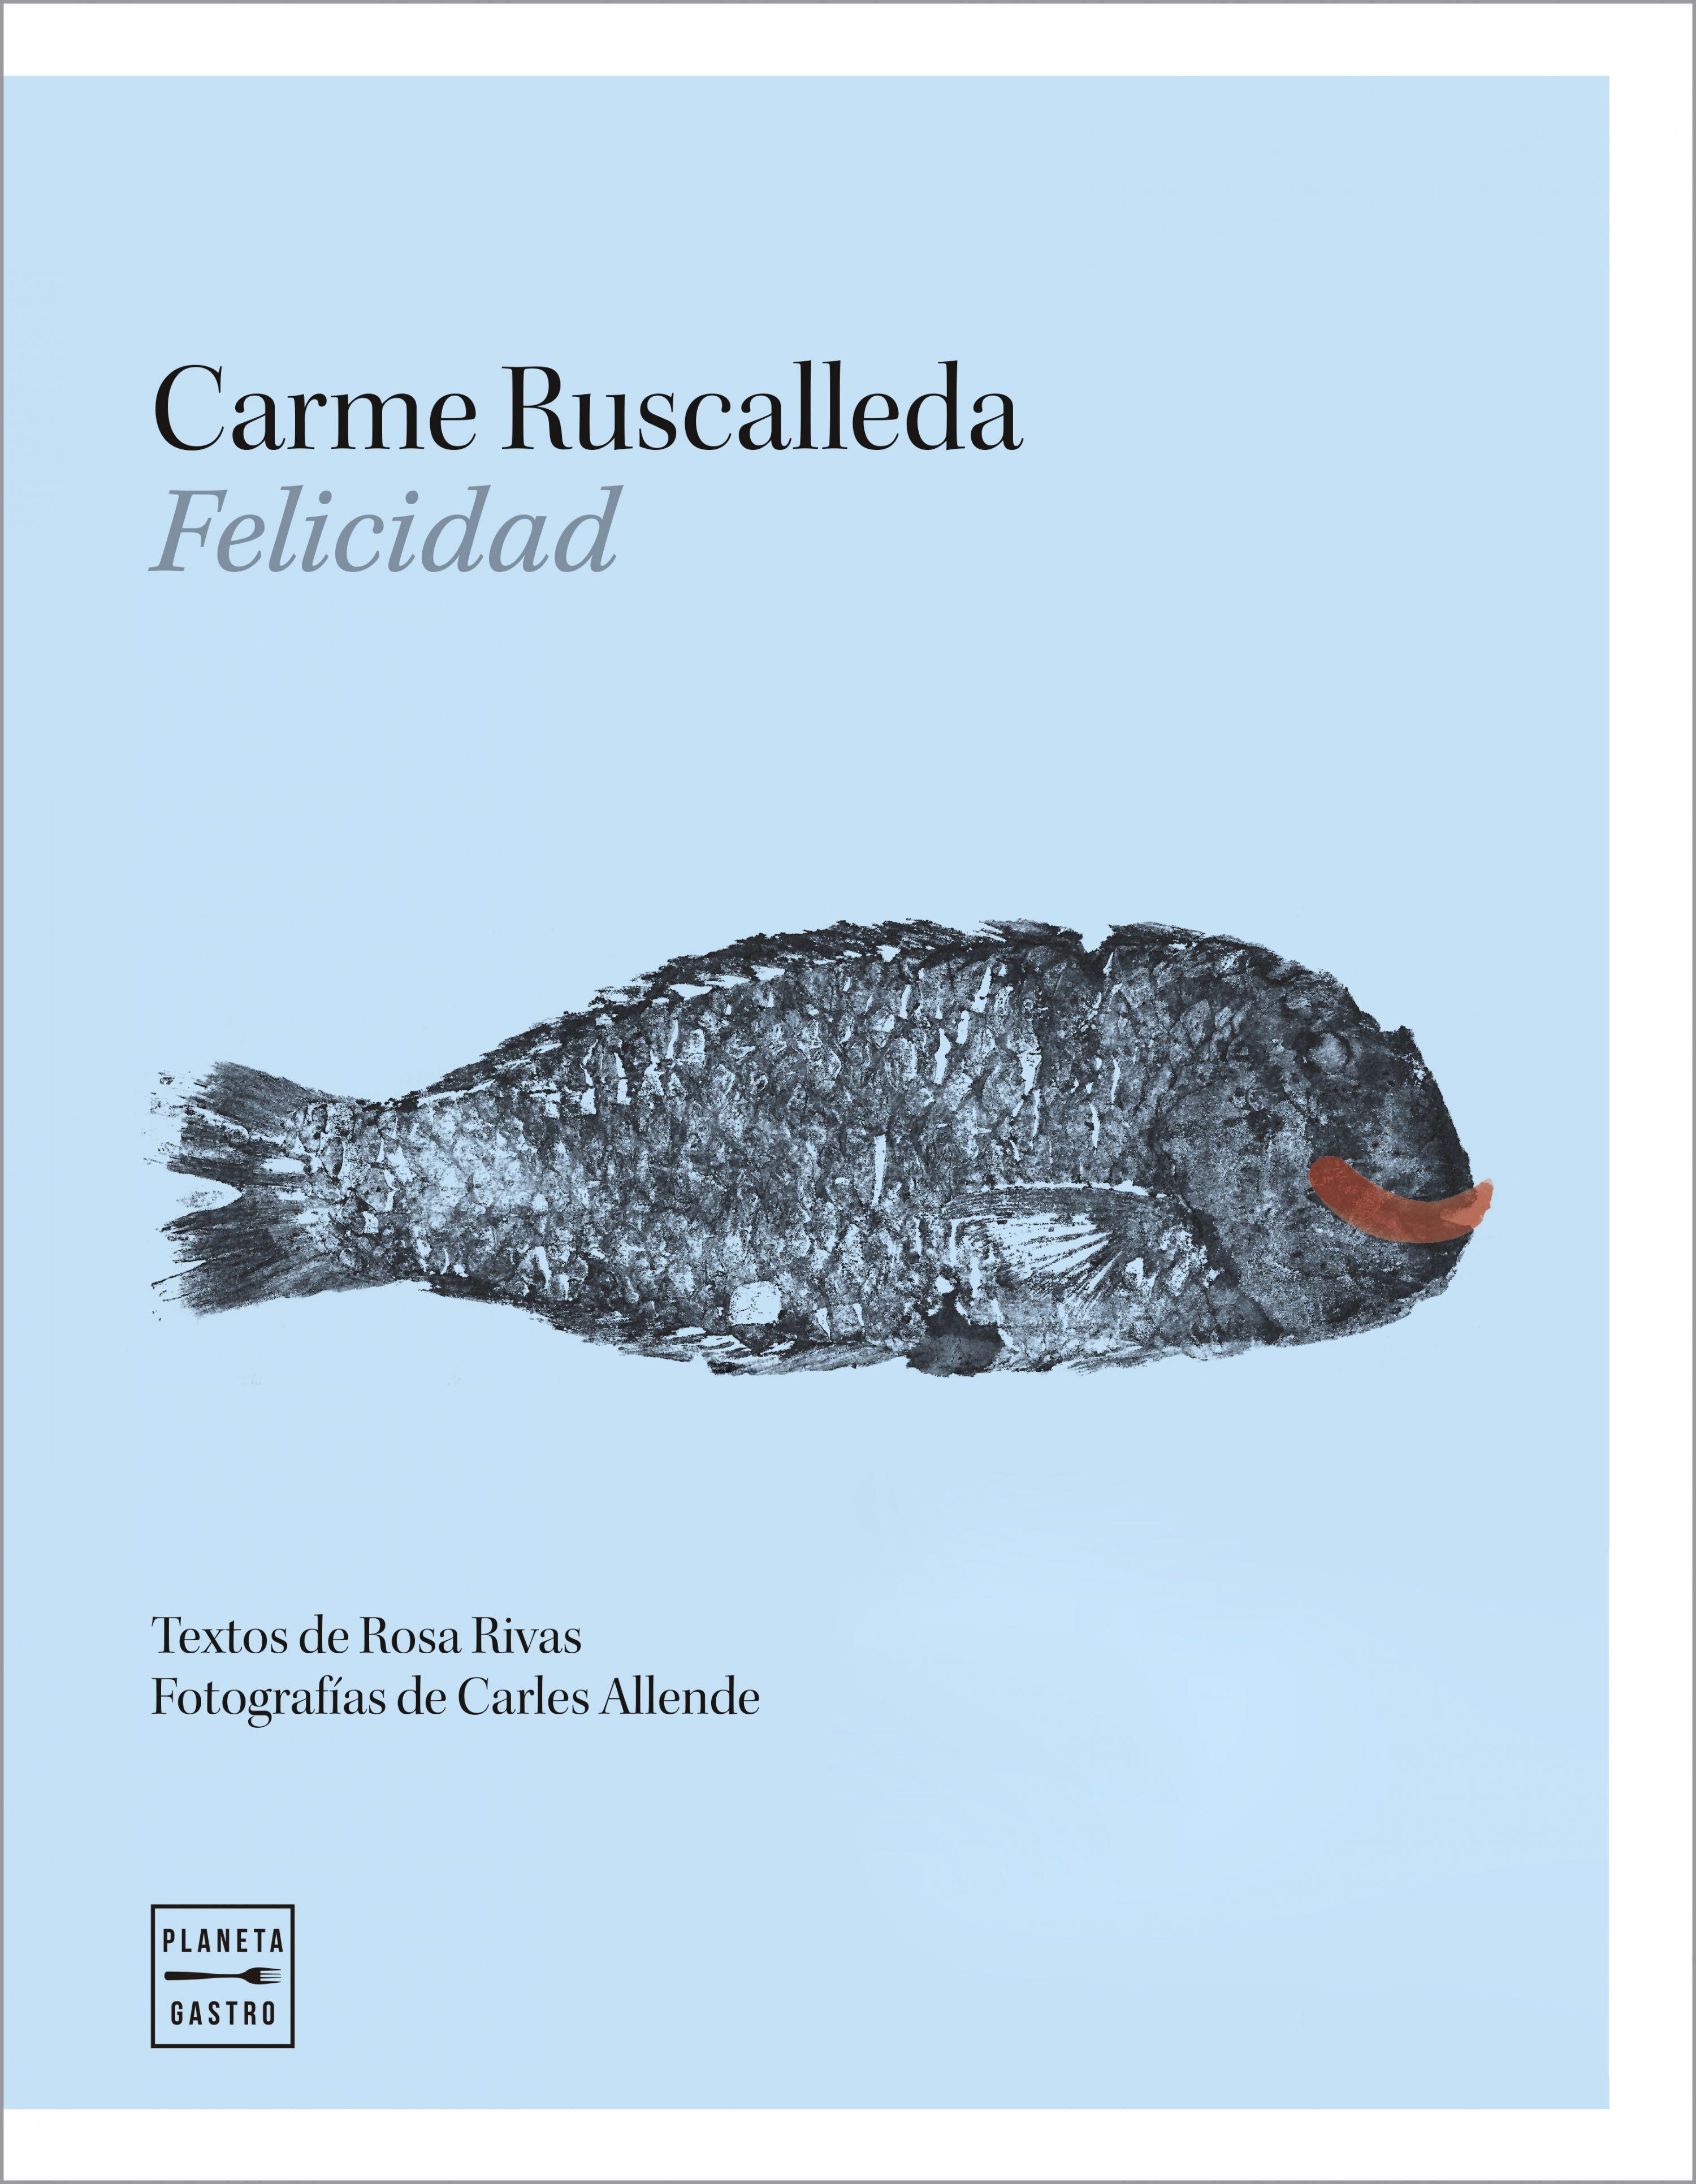 FELICIDAD DE CARME RUSCALLEDA